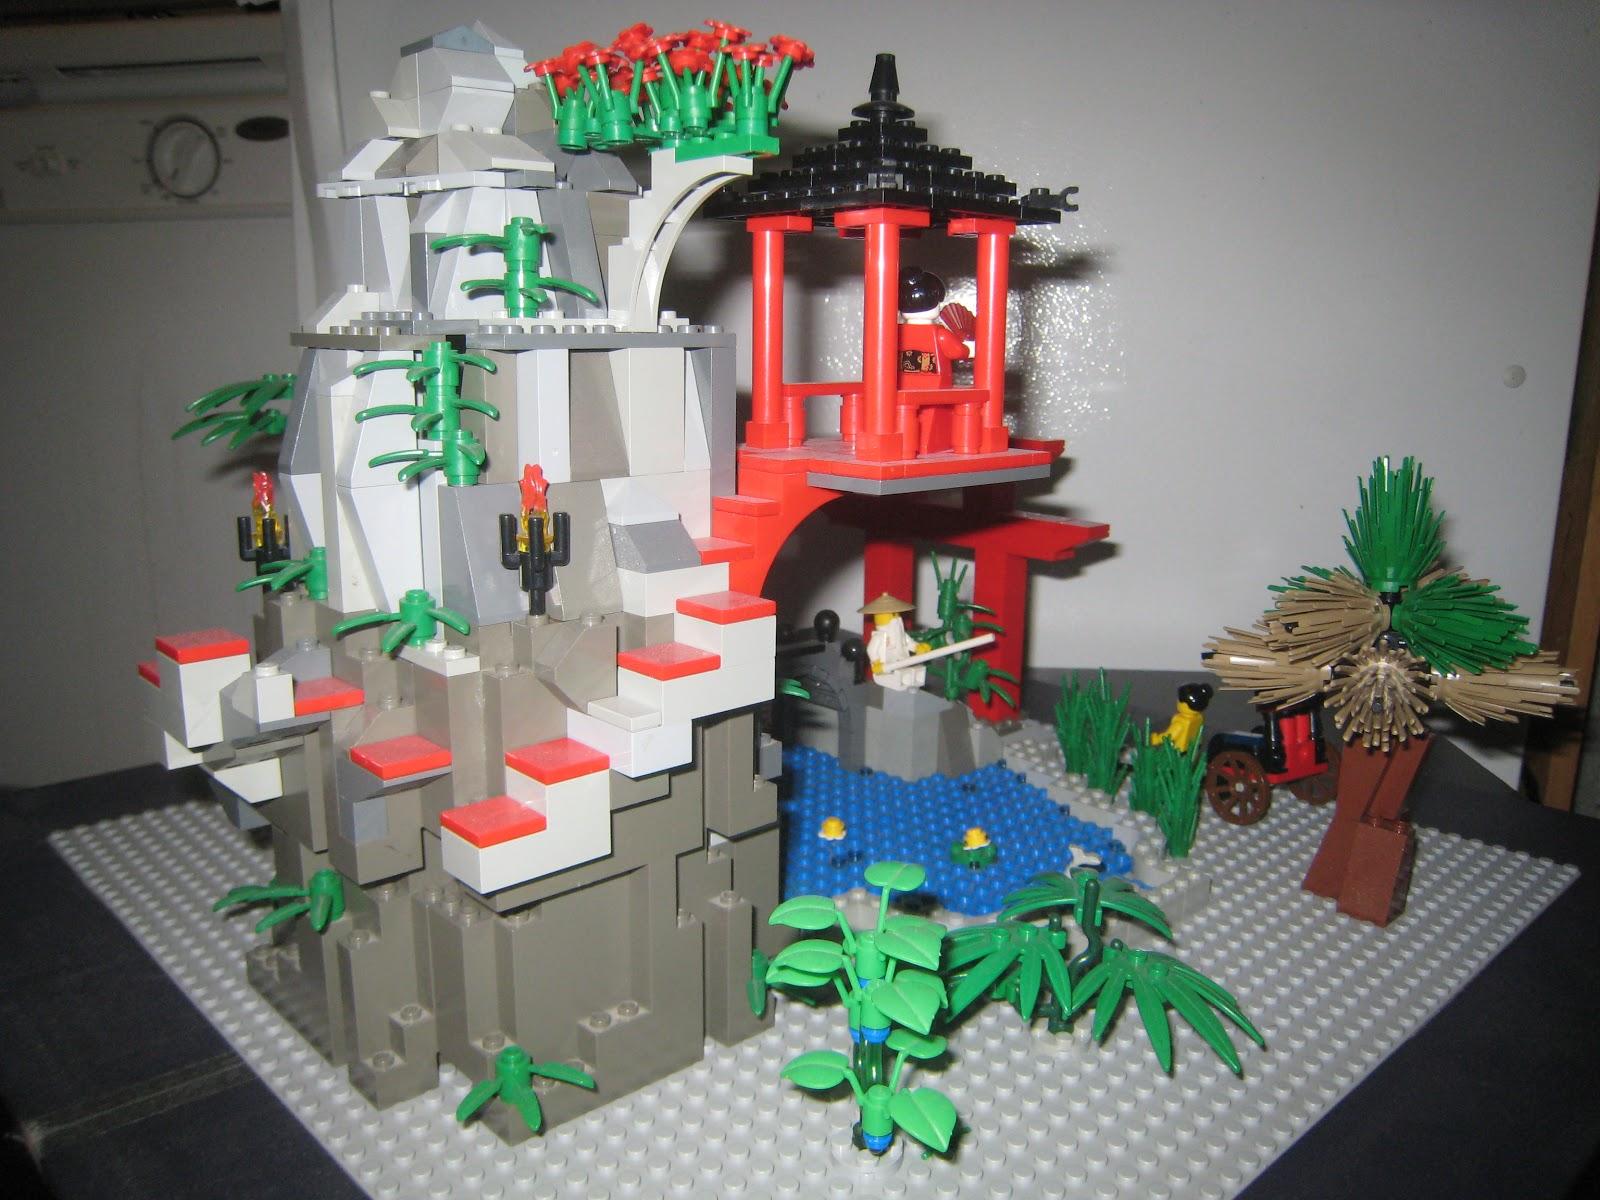 Lego R us: Lego Ninjago Japanese garden